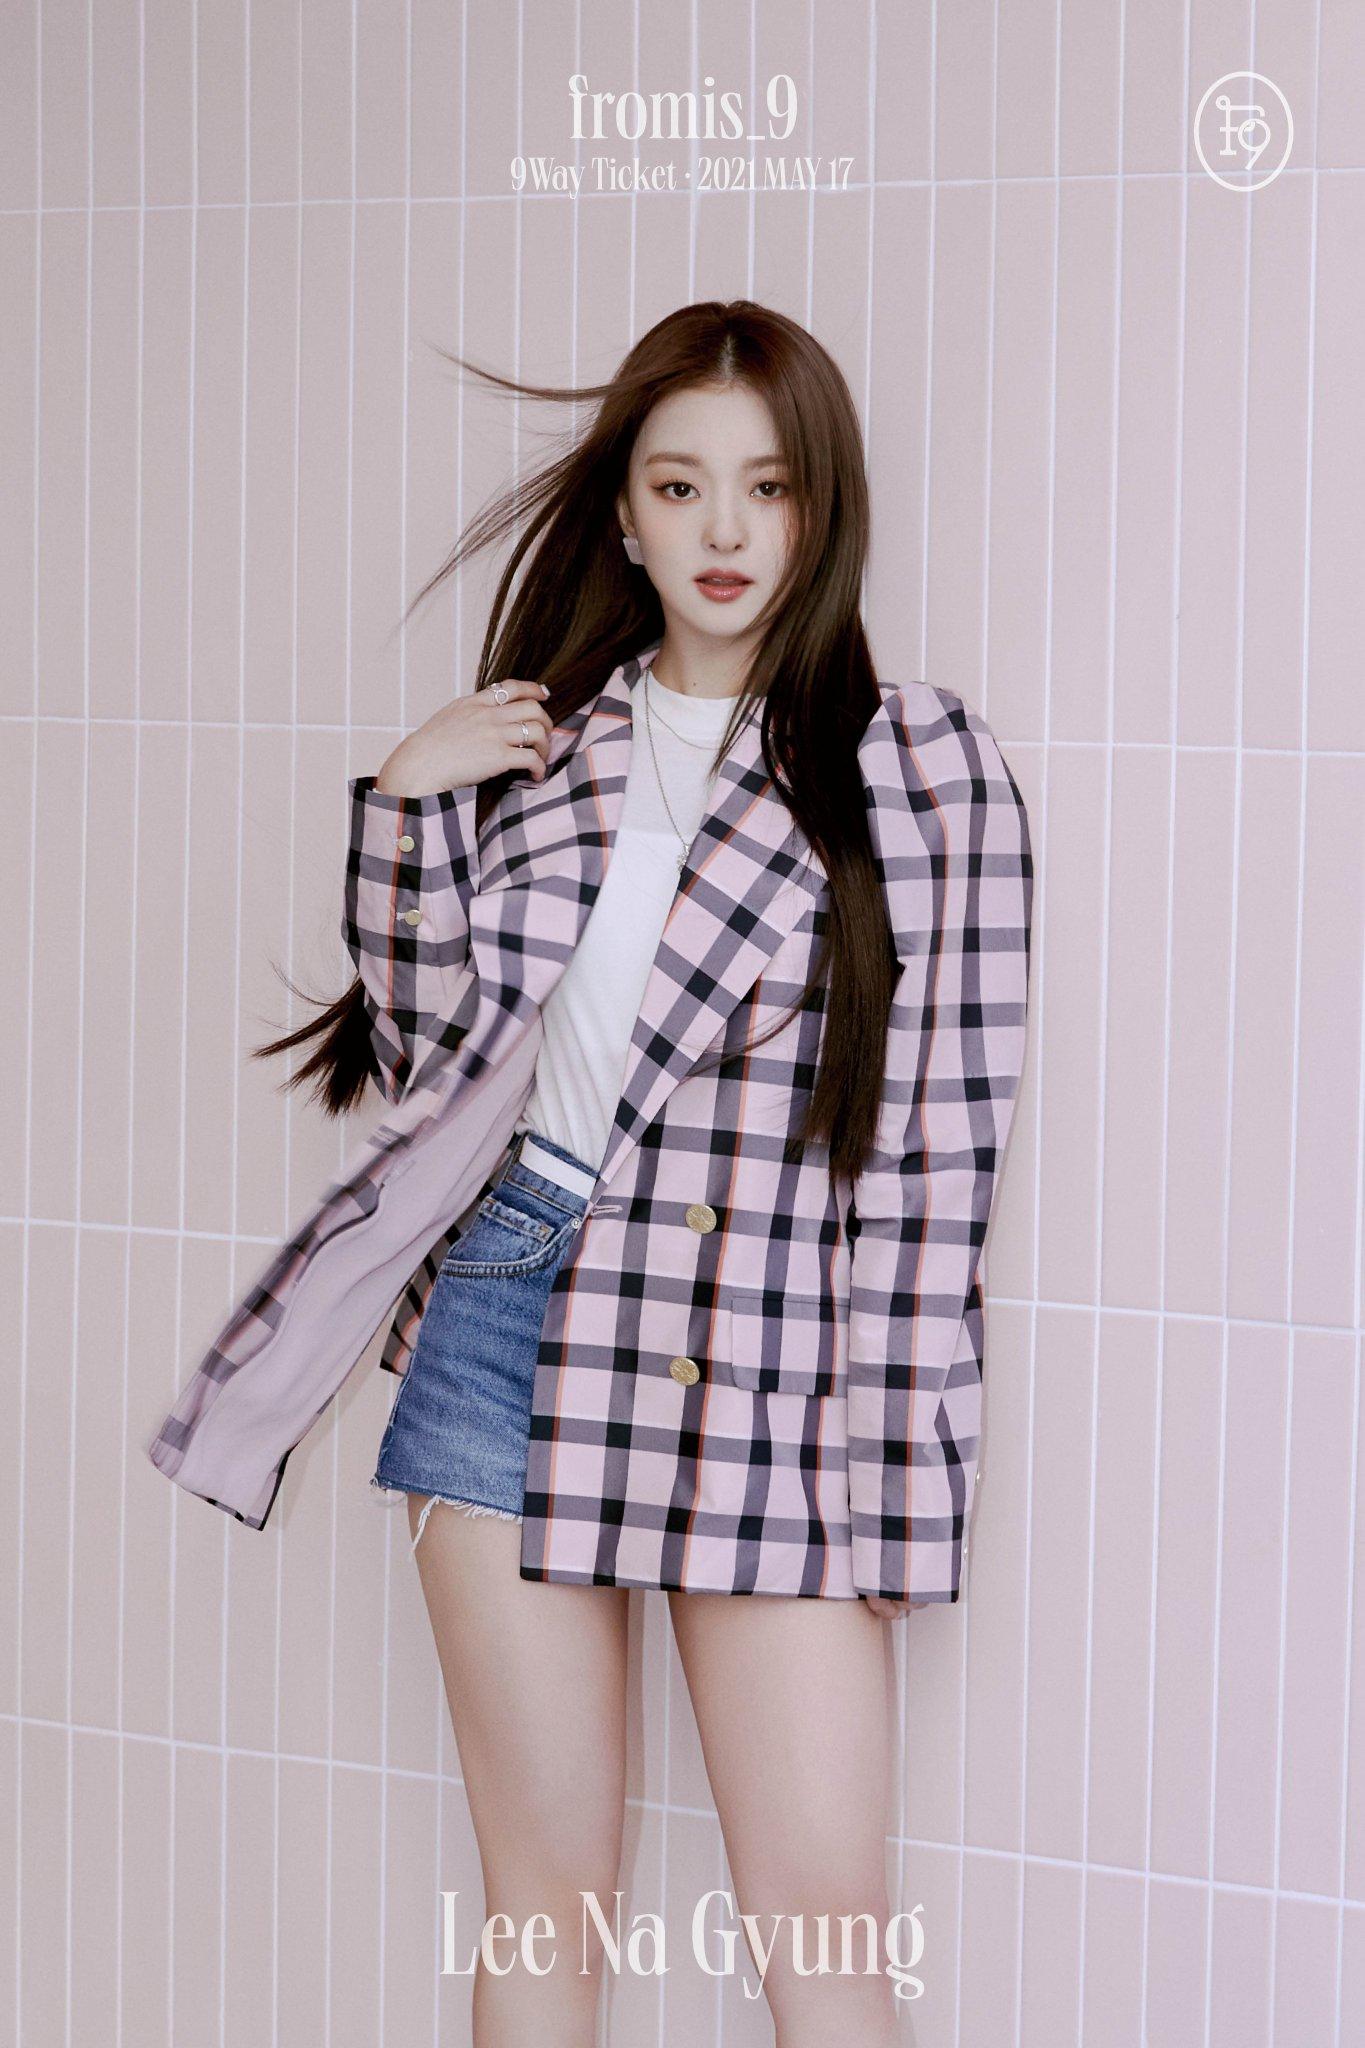 Lee Na Gyung 2